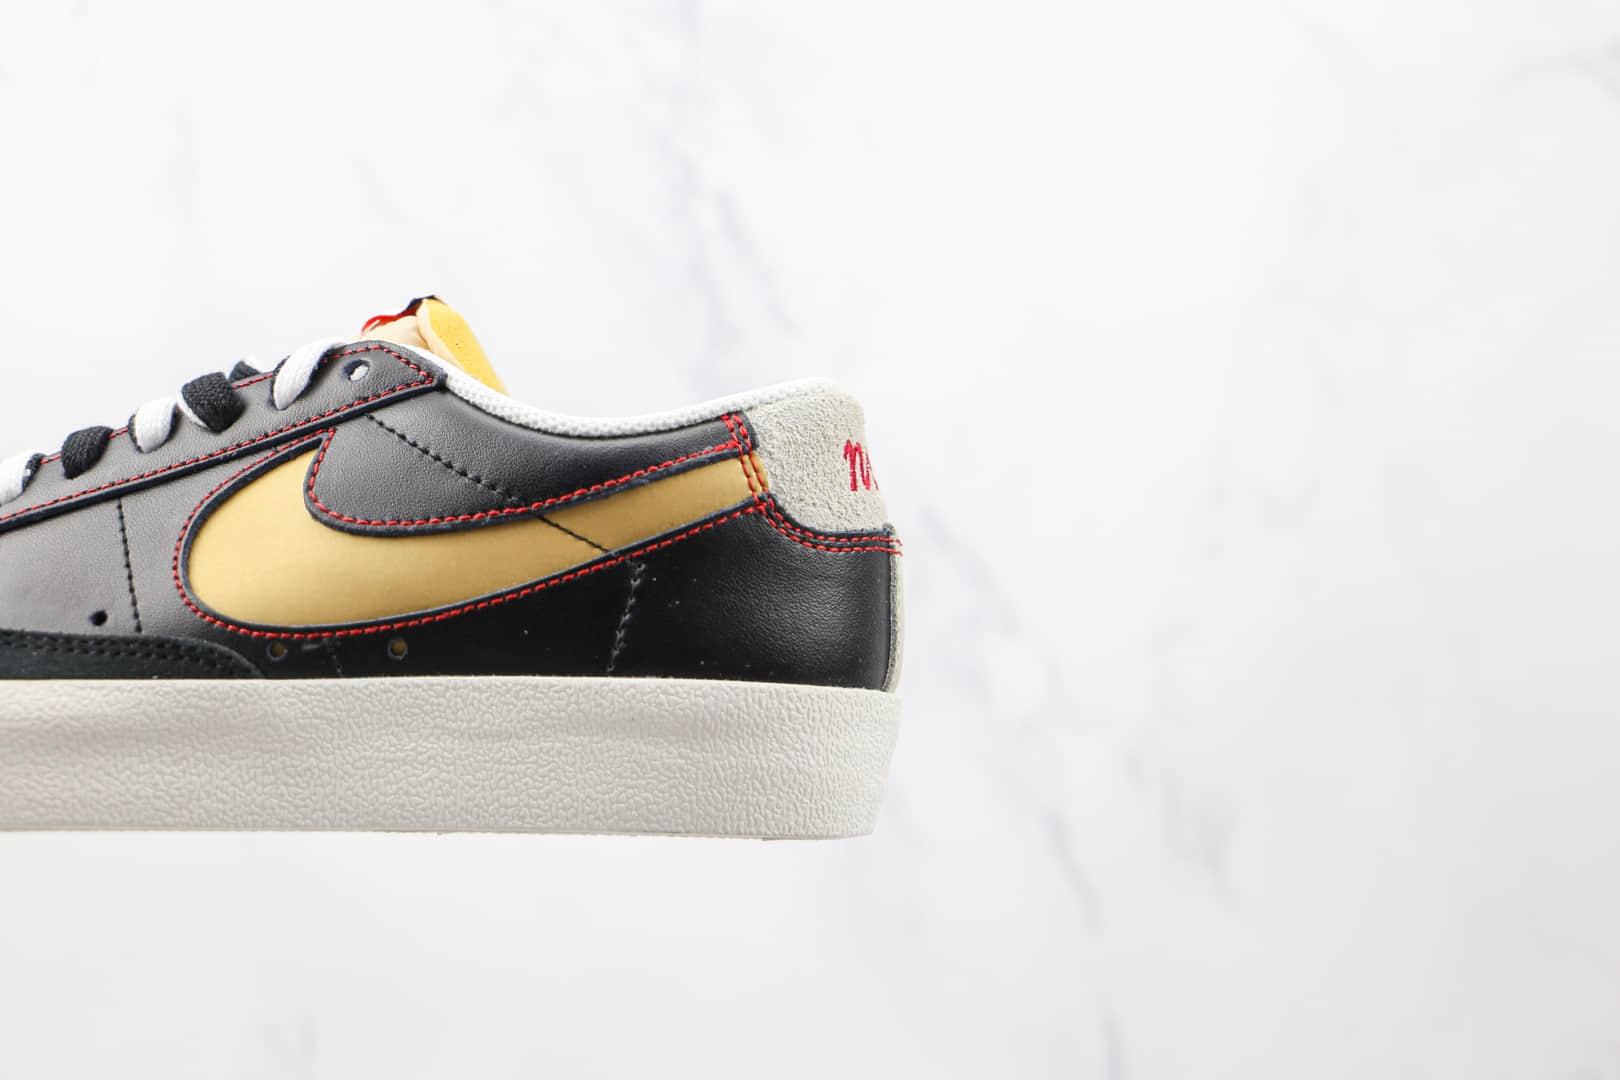 耐克NIKE Blazer LOW 77 PRM纯原版本低帮开拓者阴阳双面黑金灰黑鸳鸯色板鞋原鞋开模一比一打造 货号:DH4370-001